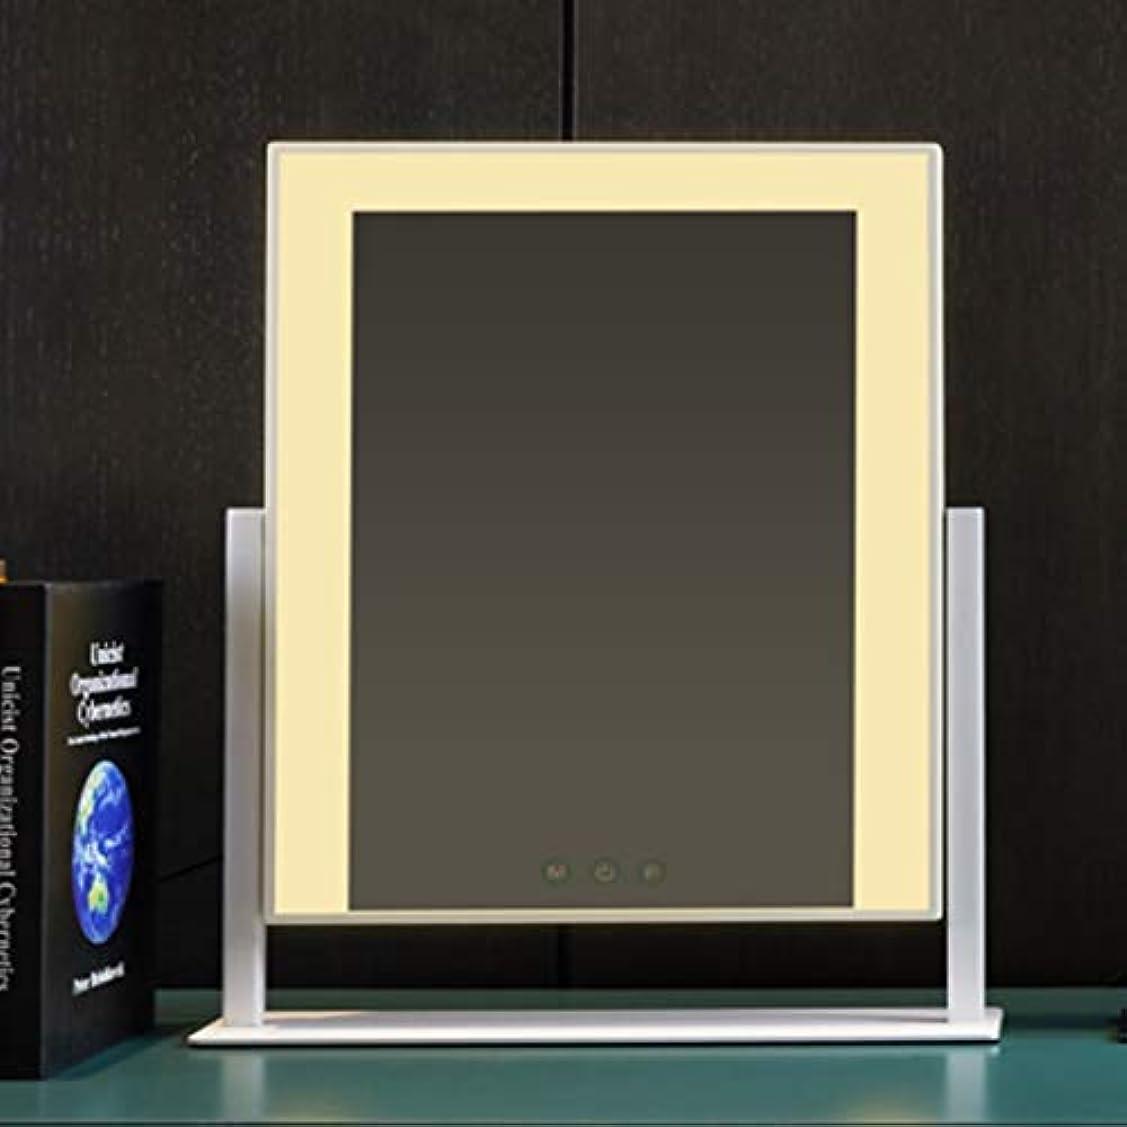 フィルライトled化粧鏡デスクトップ、照明付き充電ミラー、デスクトップ大型電球化粧鏡 (Color : White)